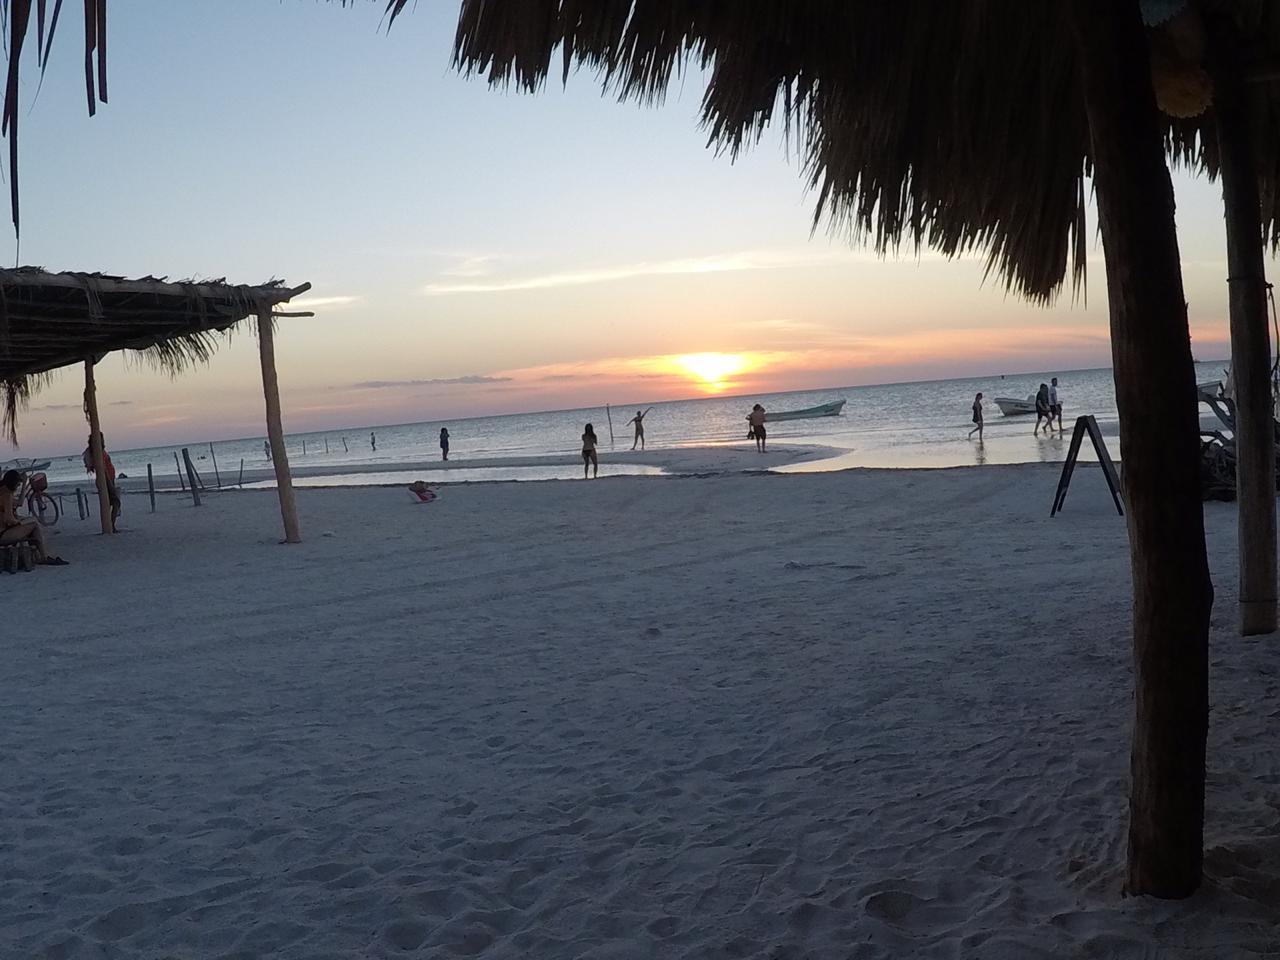 Visita la paradisiaca isla de HOLBOX Foto 4